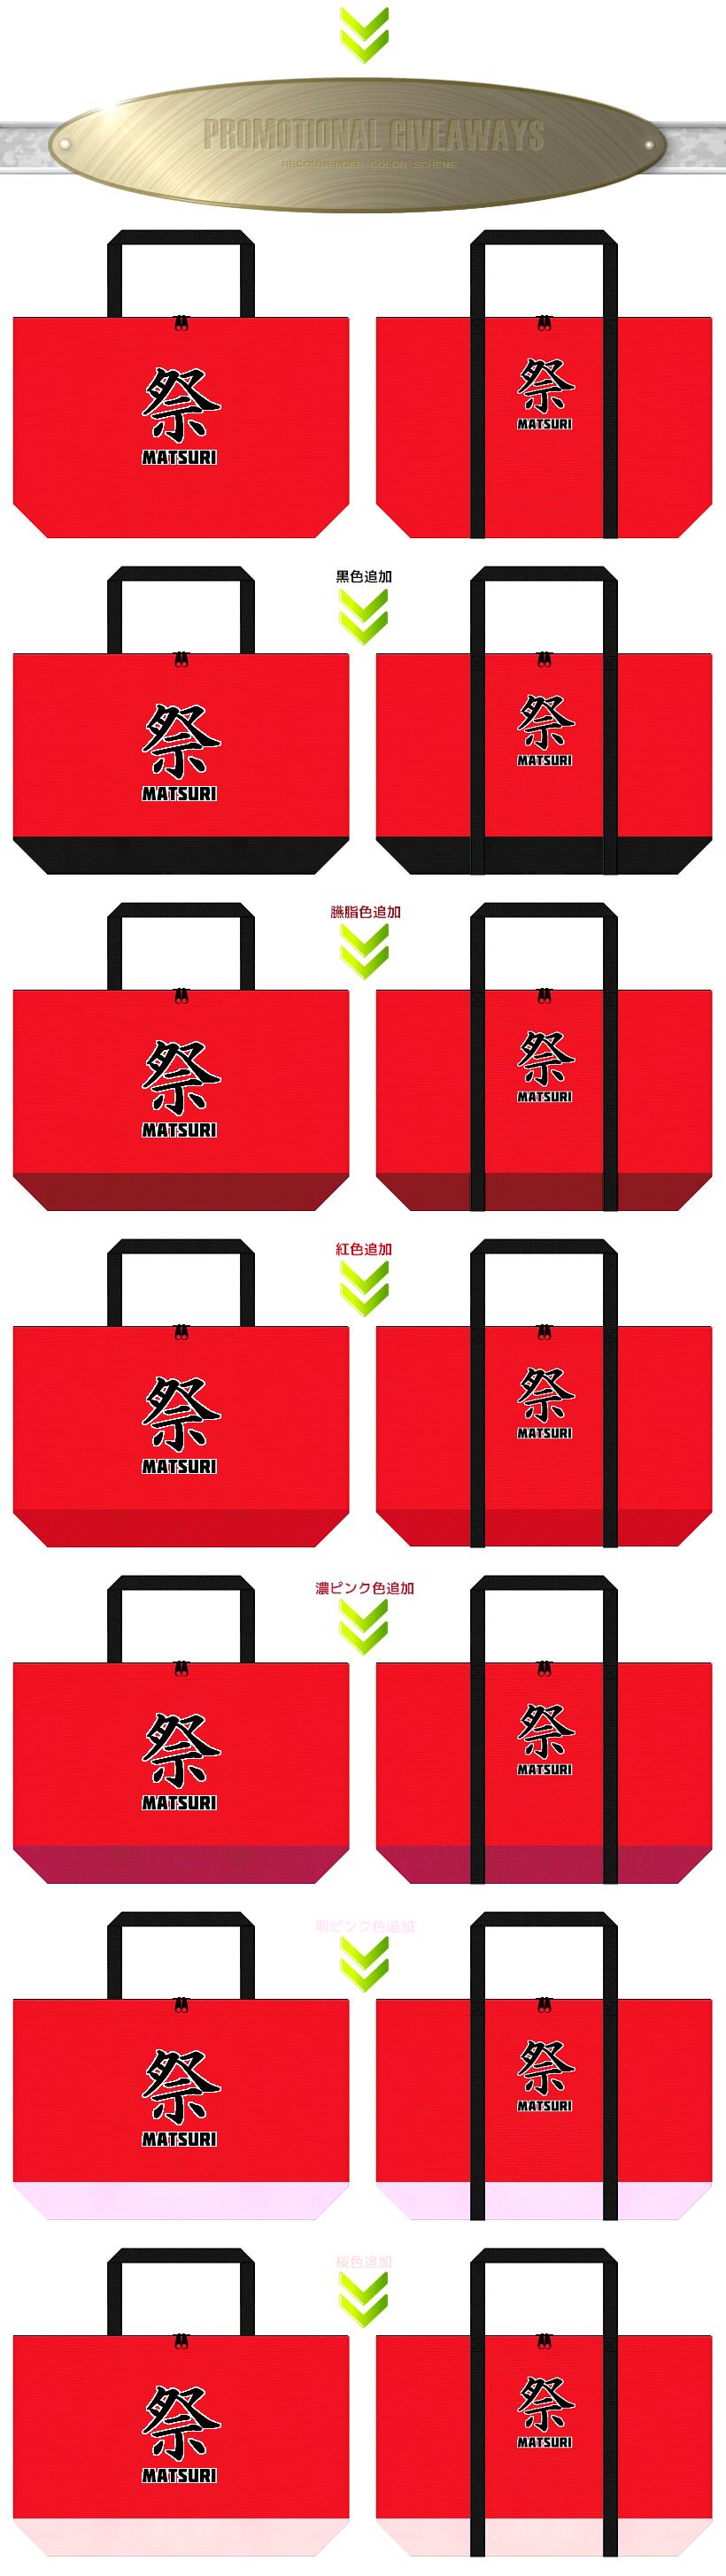 不織布バッグのデザイン:お祭り用品のショッピングバッグ・お祭りのノベルティバッグ